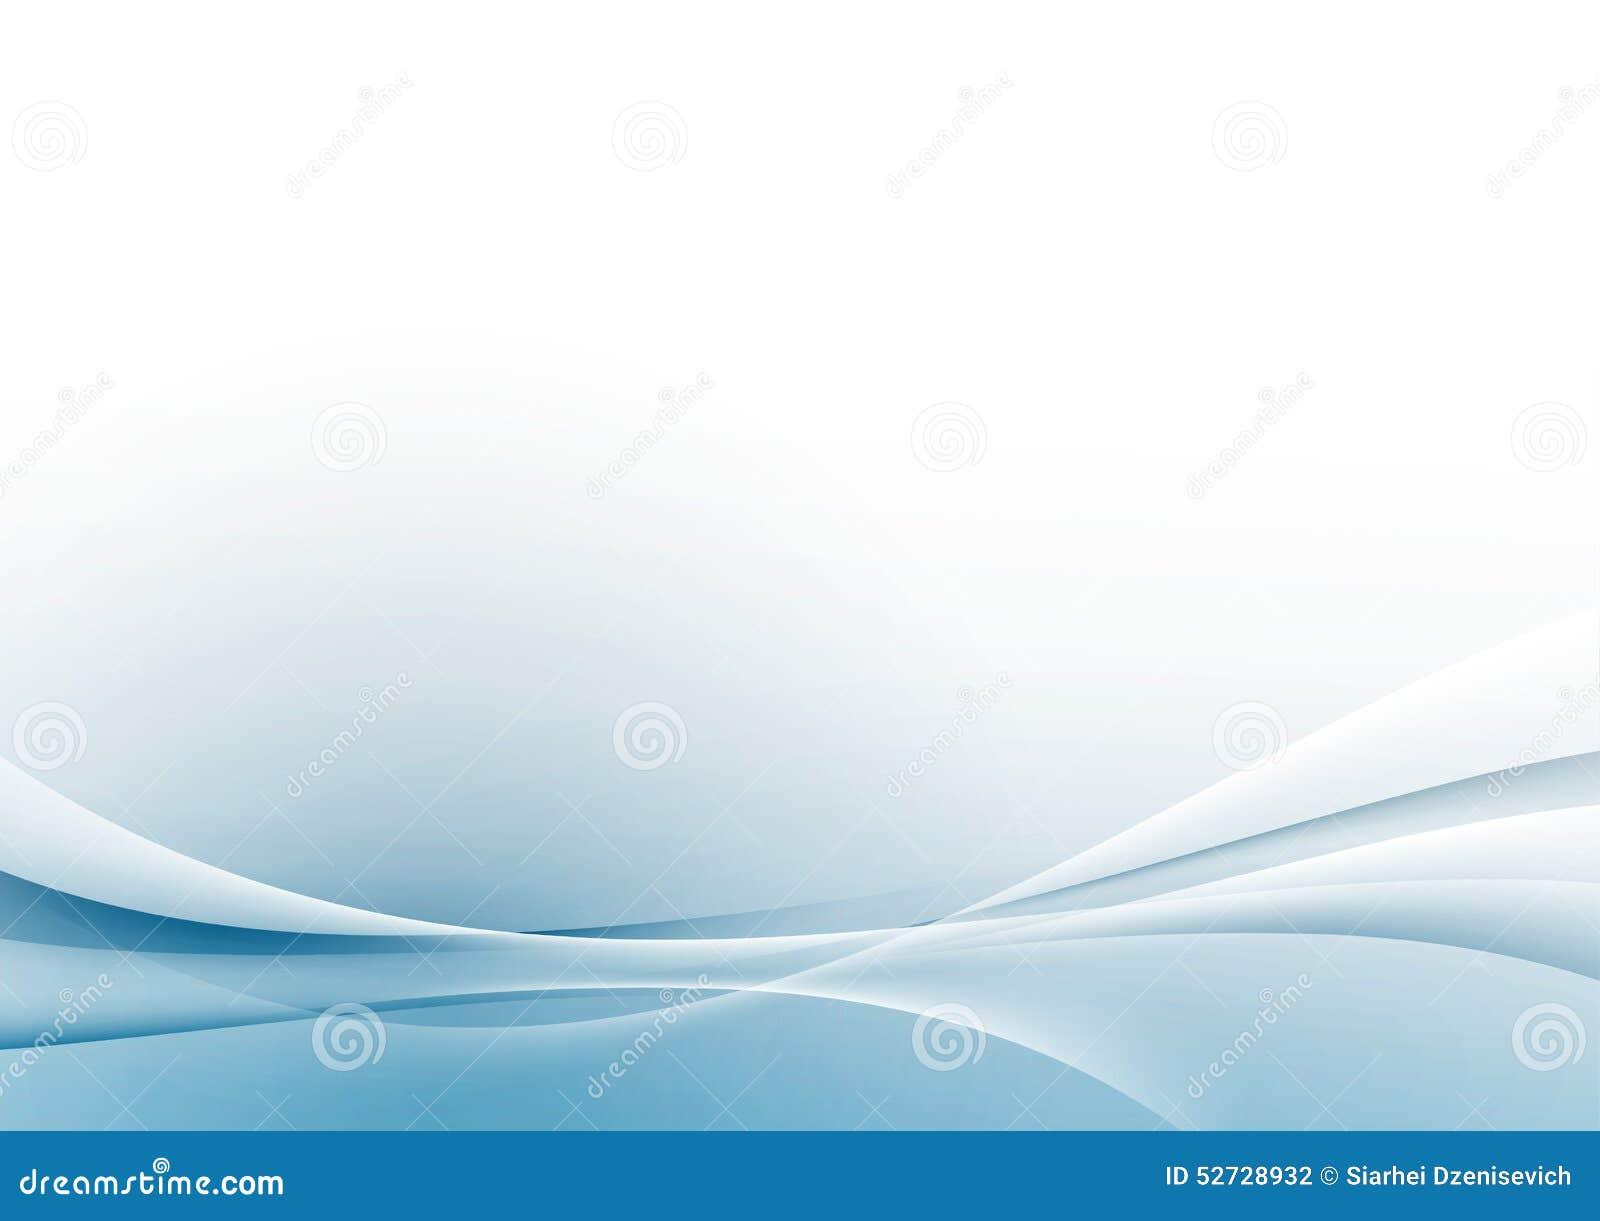 Fronteras blancas modernas abstractas de Swoosh disposición del fondo